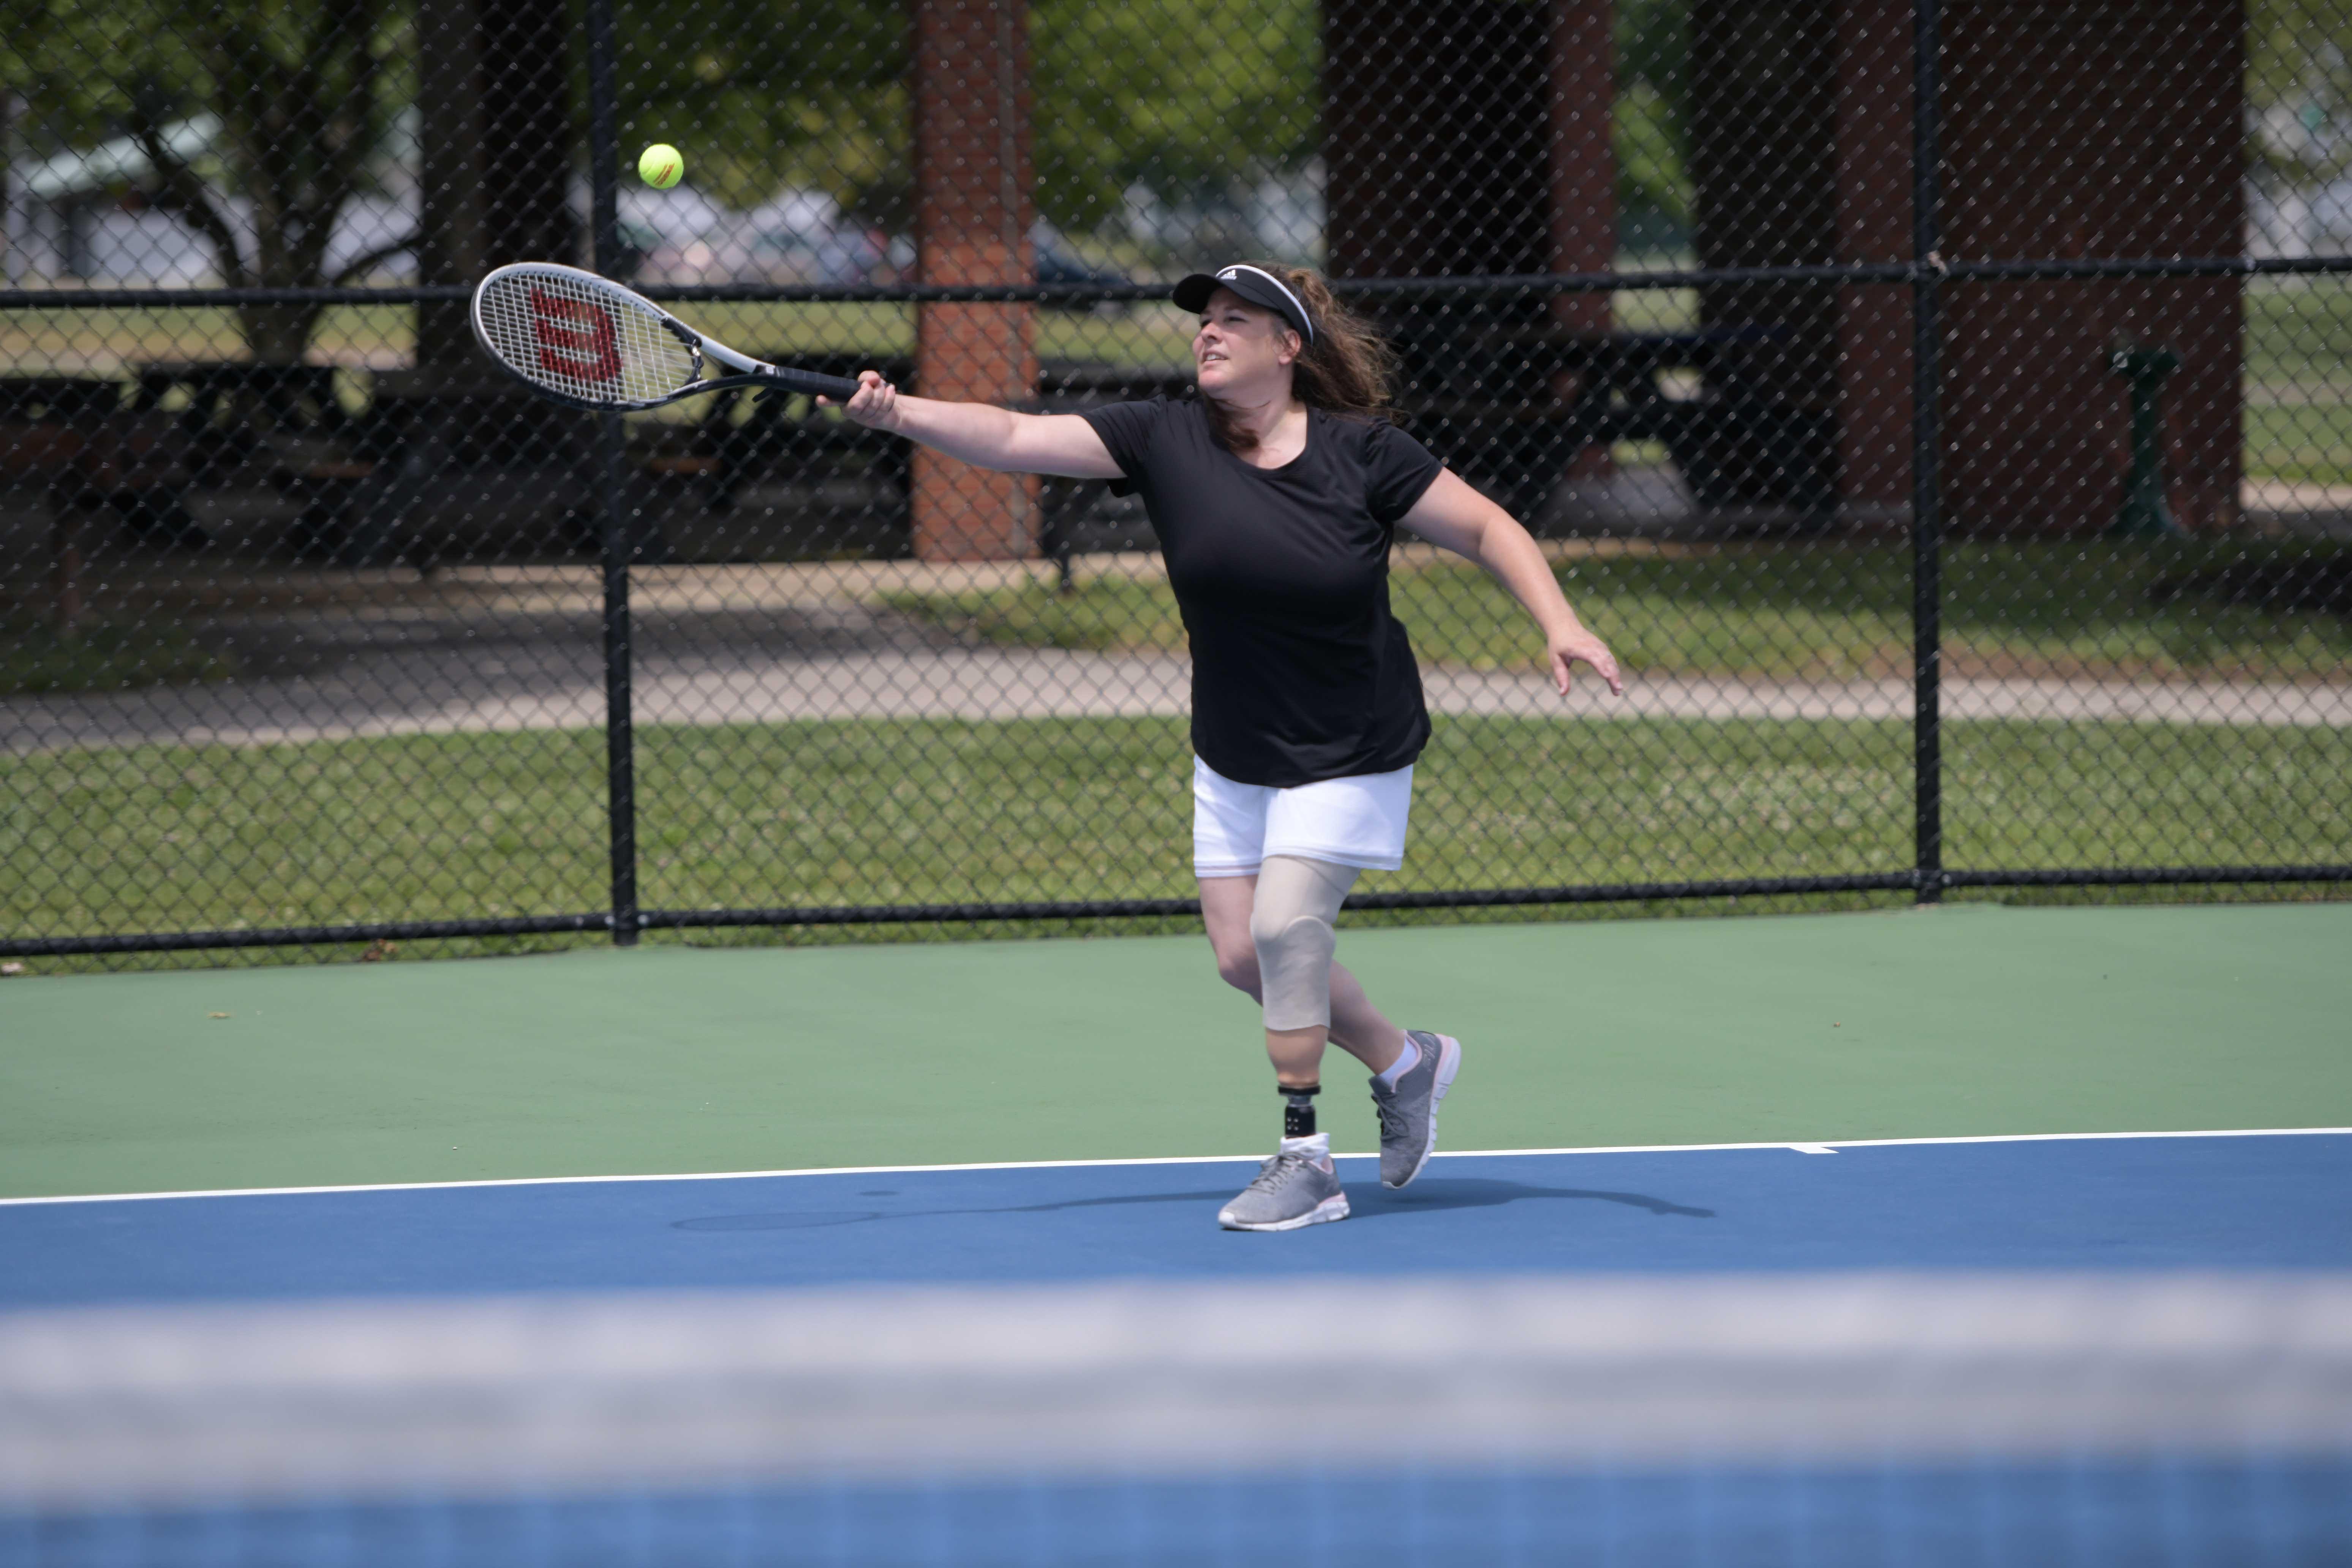 Prosthetic Tennis